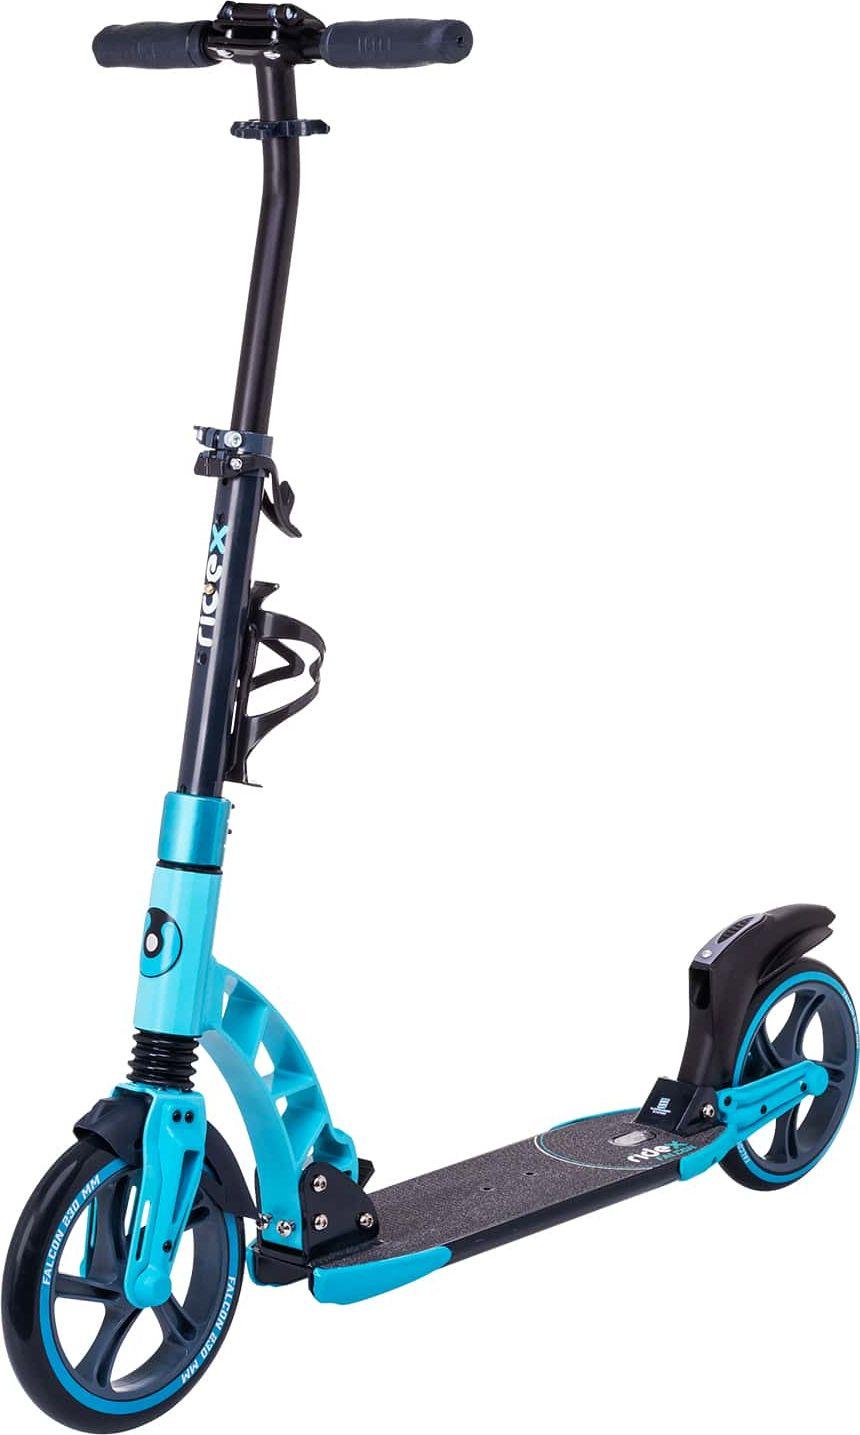 Самокат Ridex Falcon, 2-х колесный, колеса 230/200 мм, цвет: синий suntachi ножницы прямые парикмахерские сантачи elite vd cbmpibr 2 вида 1 шт vd cbmpibr 55m 5 5